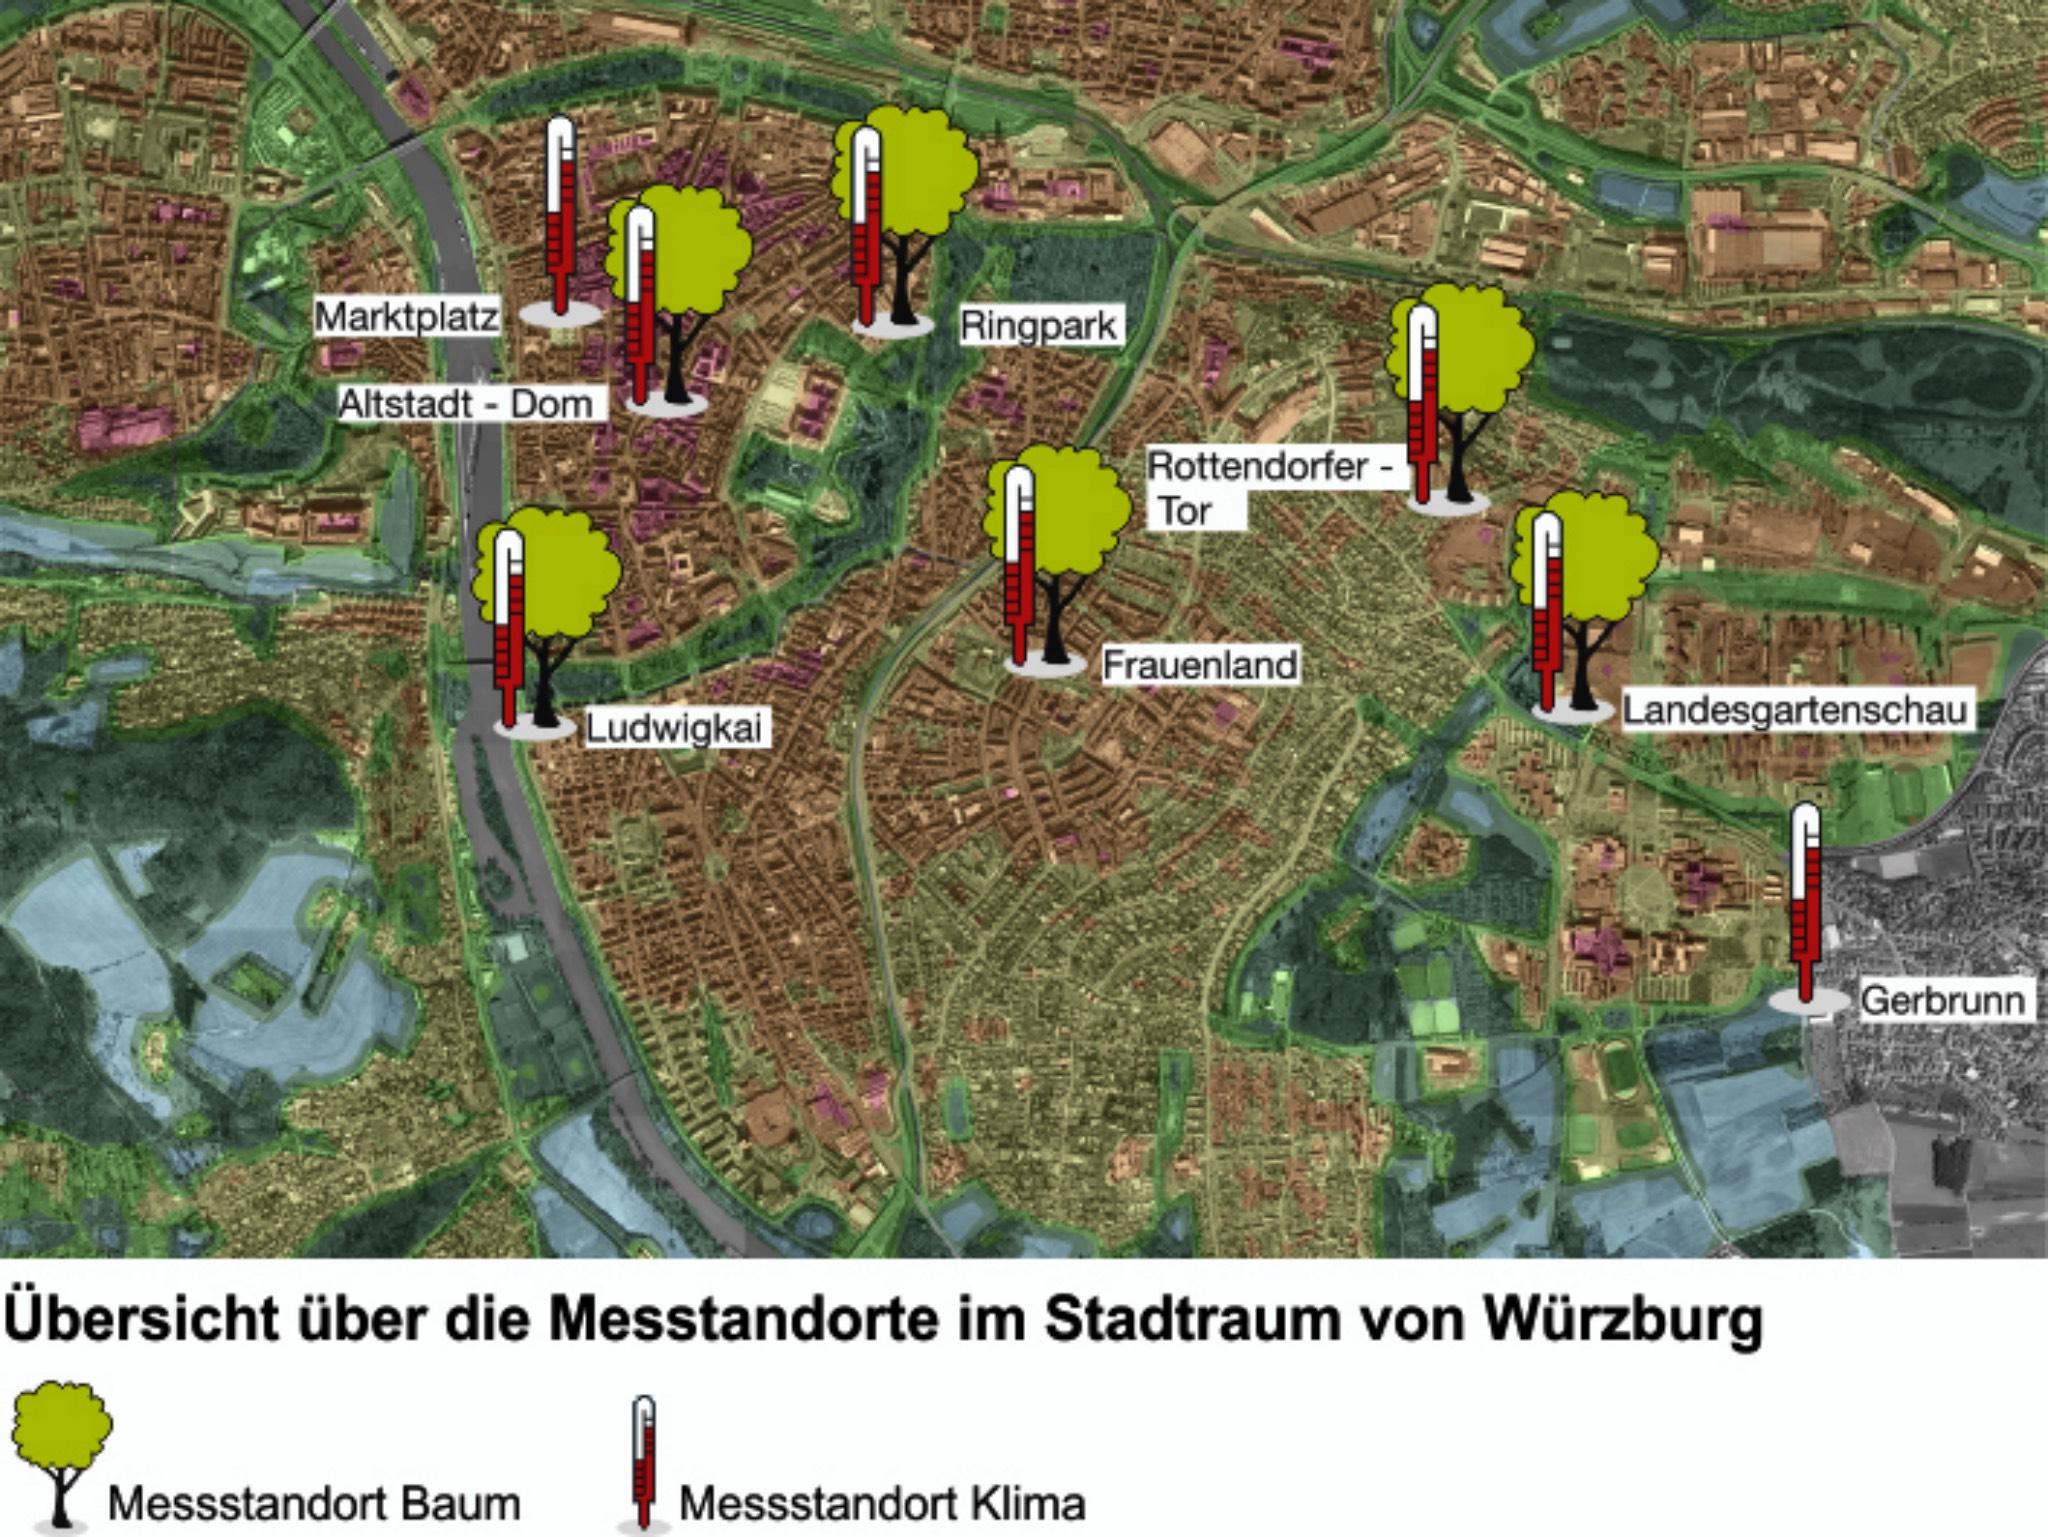 """Karte von Würzburg: Hier stehen die Messstationen des Projekts """"Klimaerlebnis Würzburg"""" Foto: Klimaerlebnis Würzburg"""